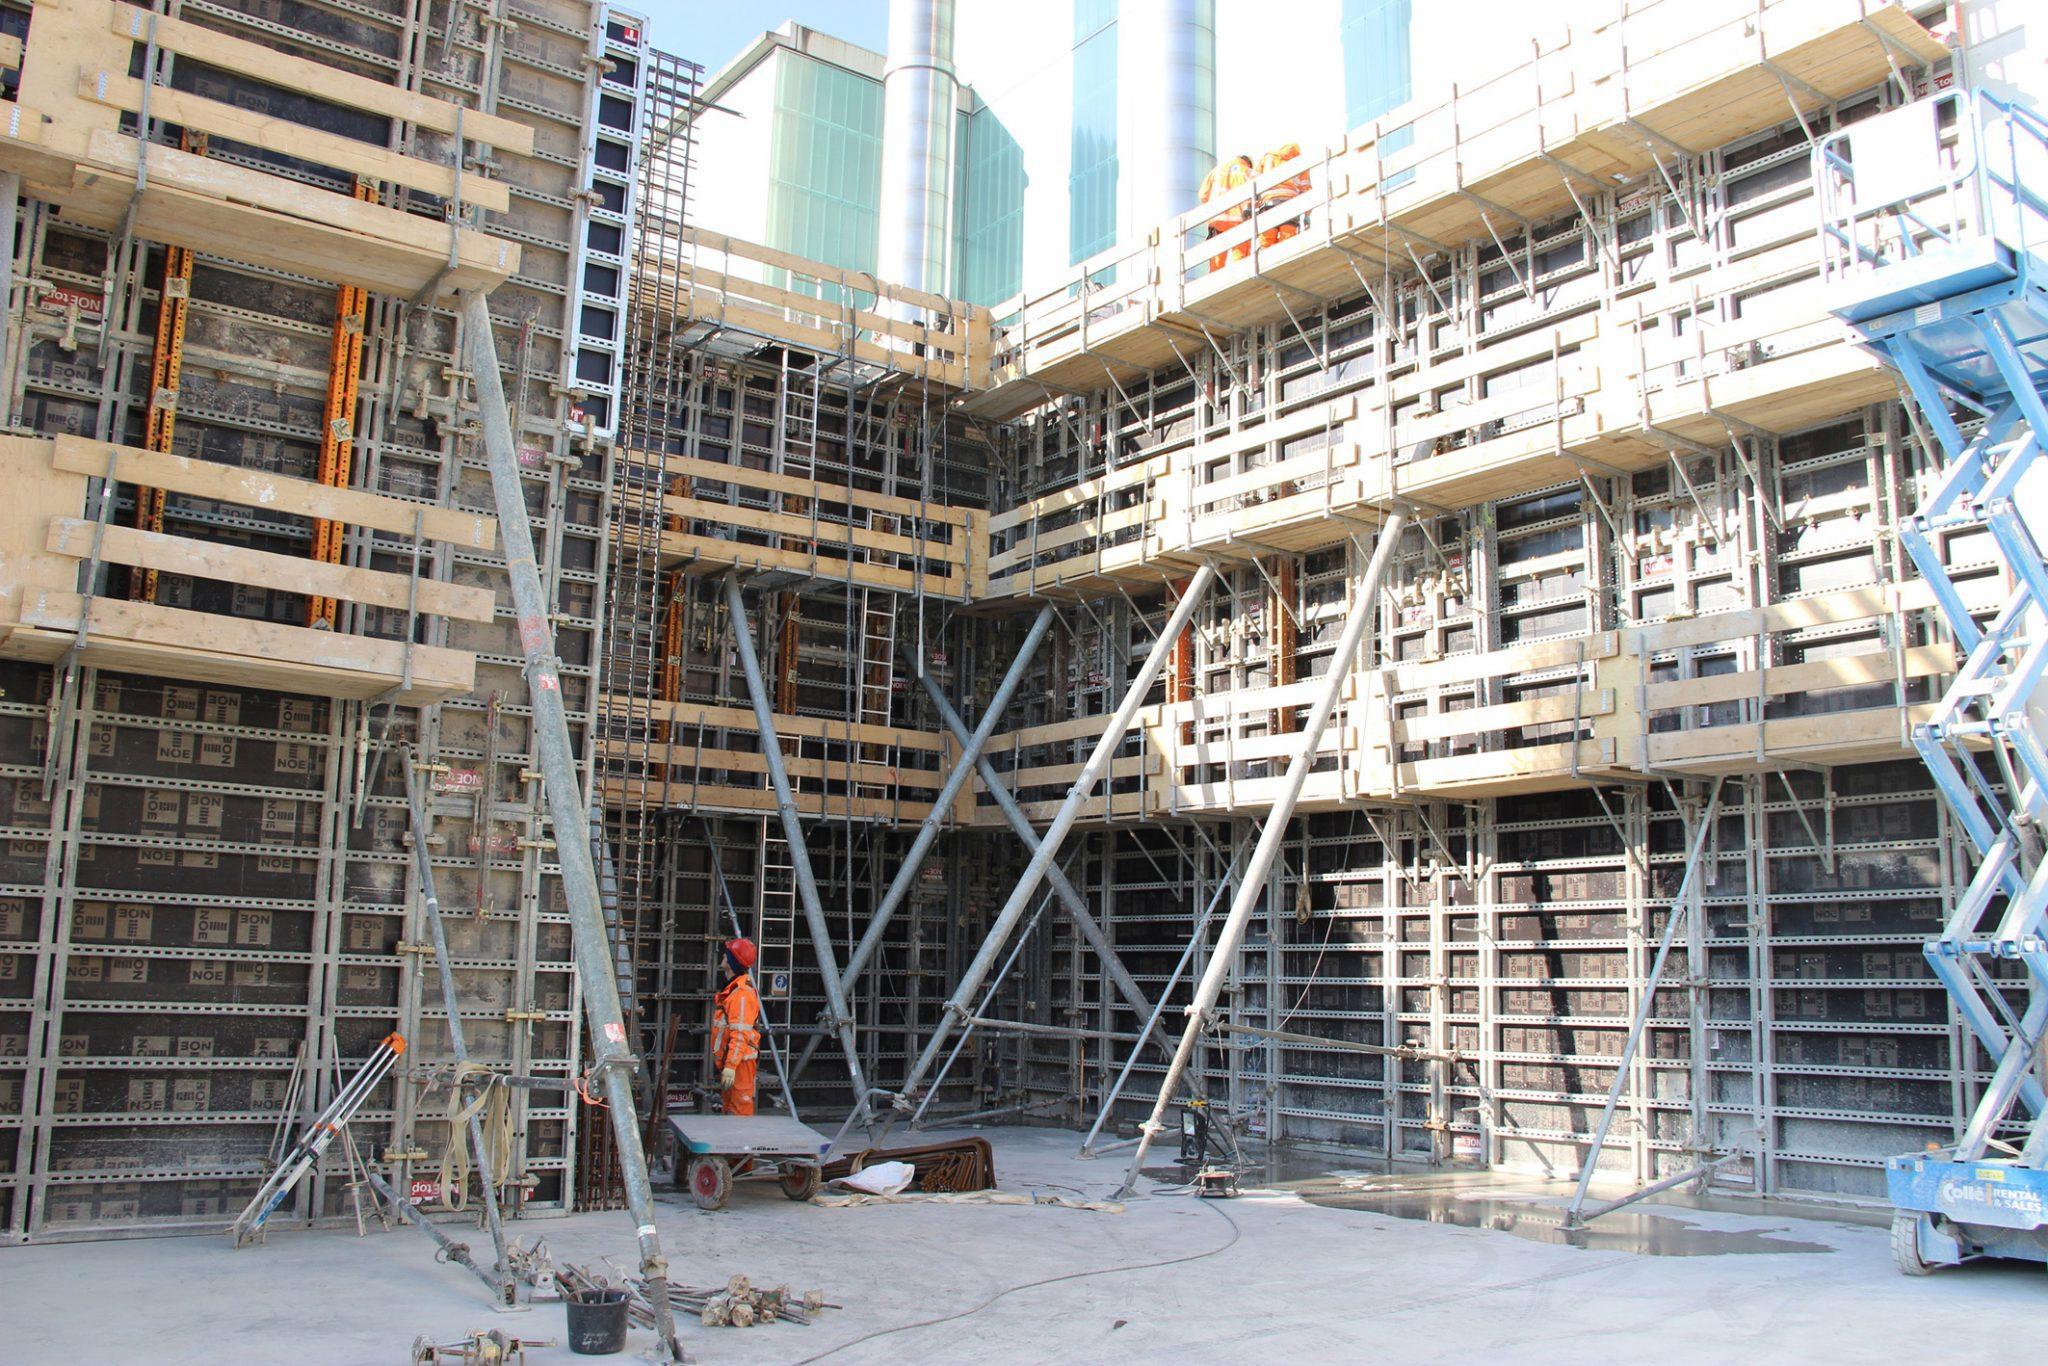 betonwanden, bekisting, biomassa, eneco, noe, lage wijde, biowarmte-installatie